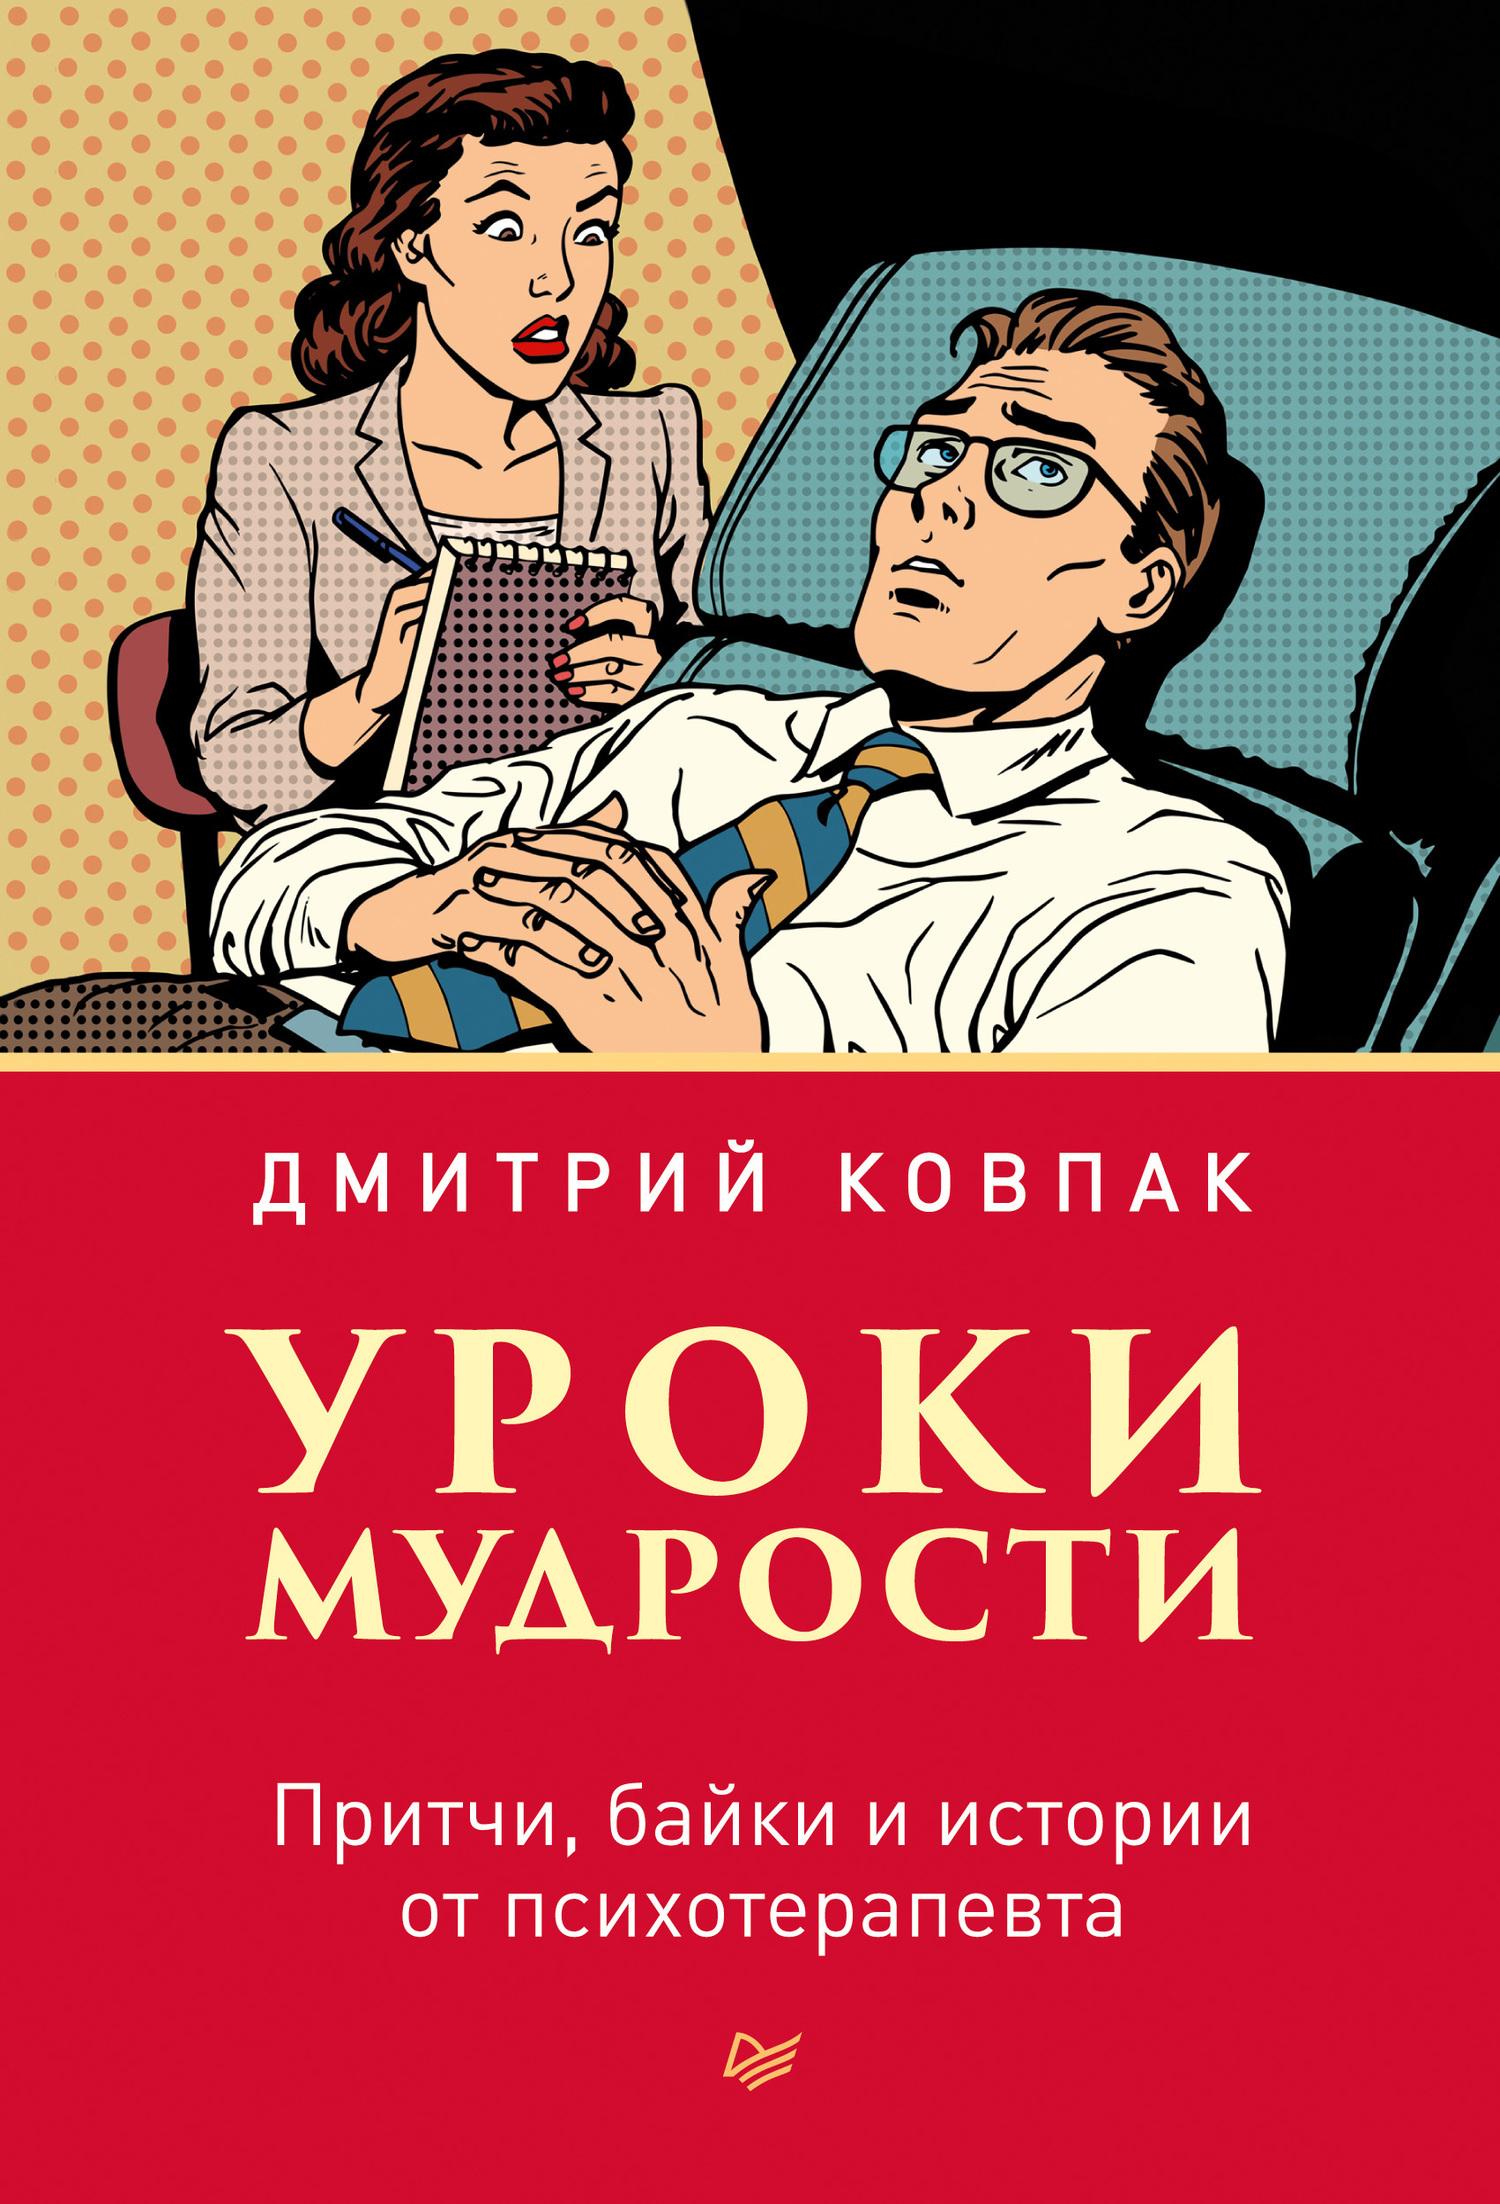 Дмитрий Ковпак «Уроки мудрости. Притчи, байки и истории от психотерапевта»